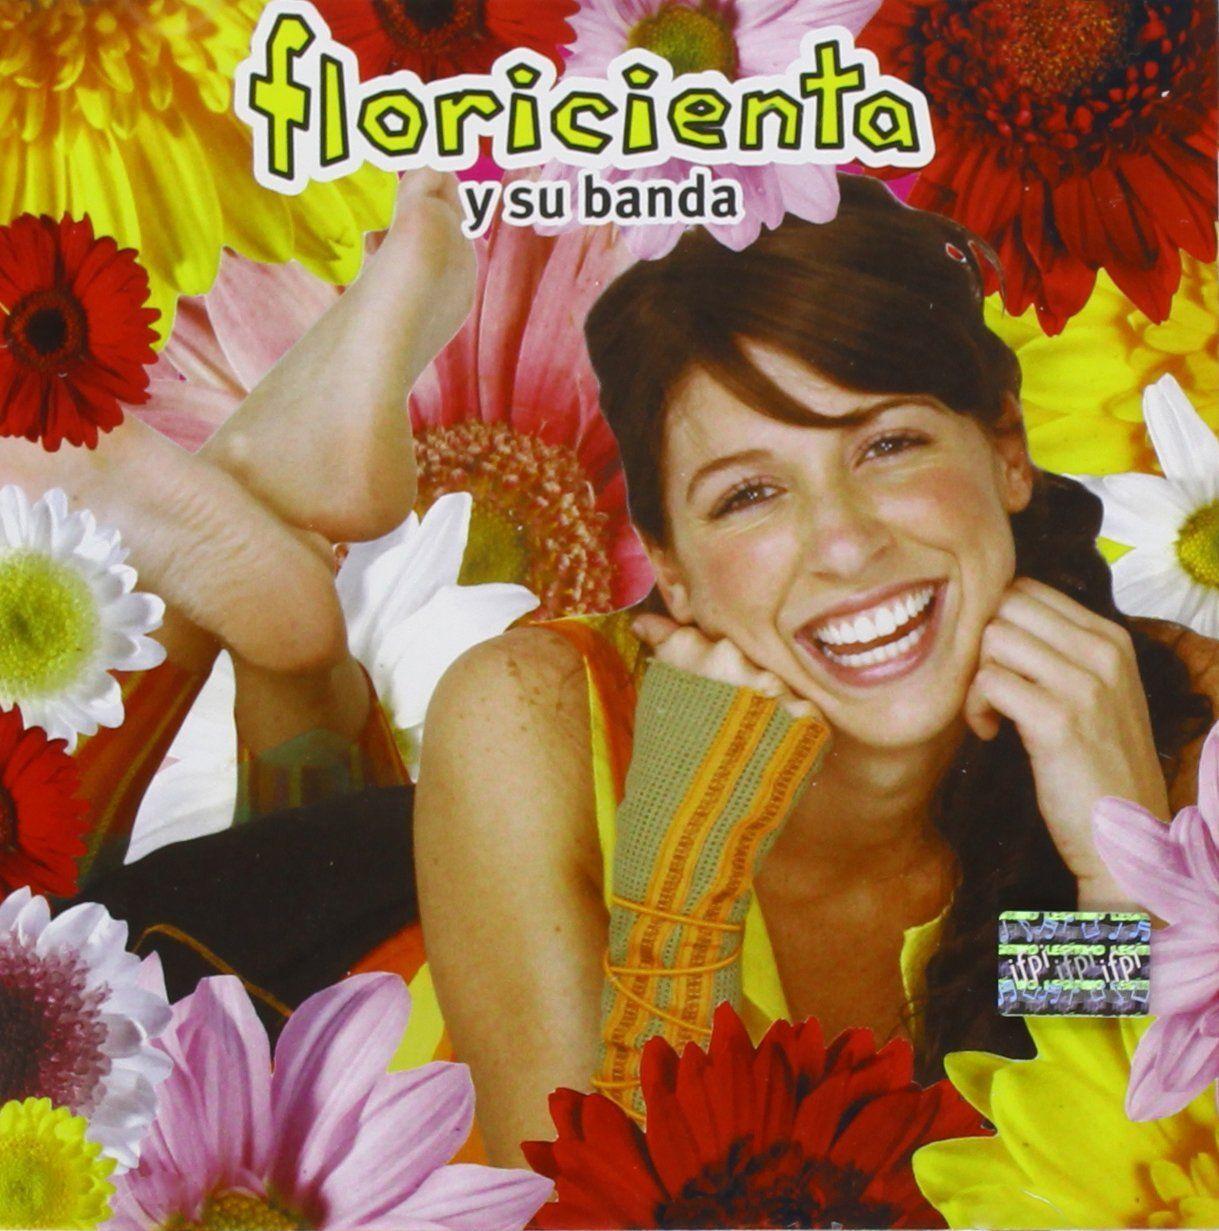 Floricienta - Floricienta Y Su Banda album cover